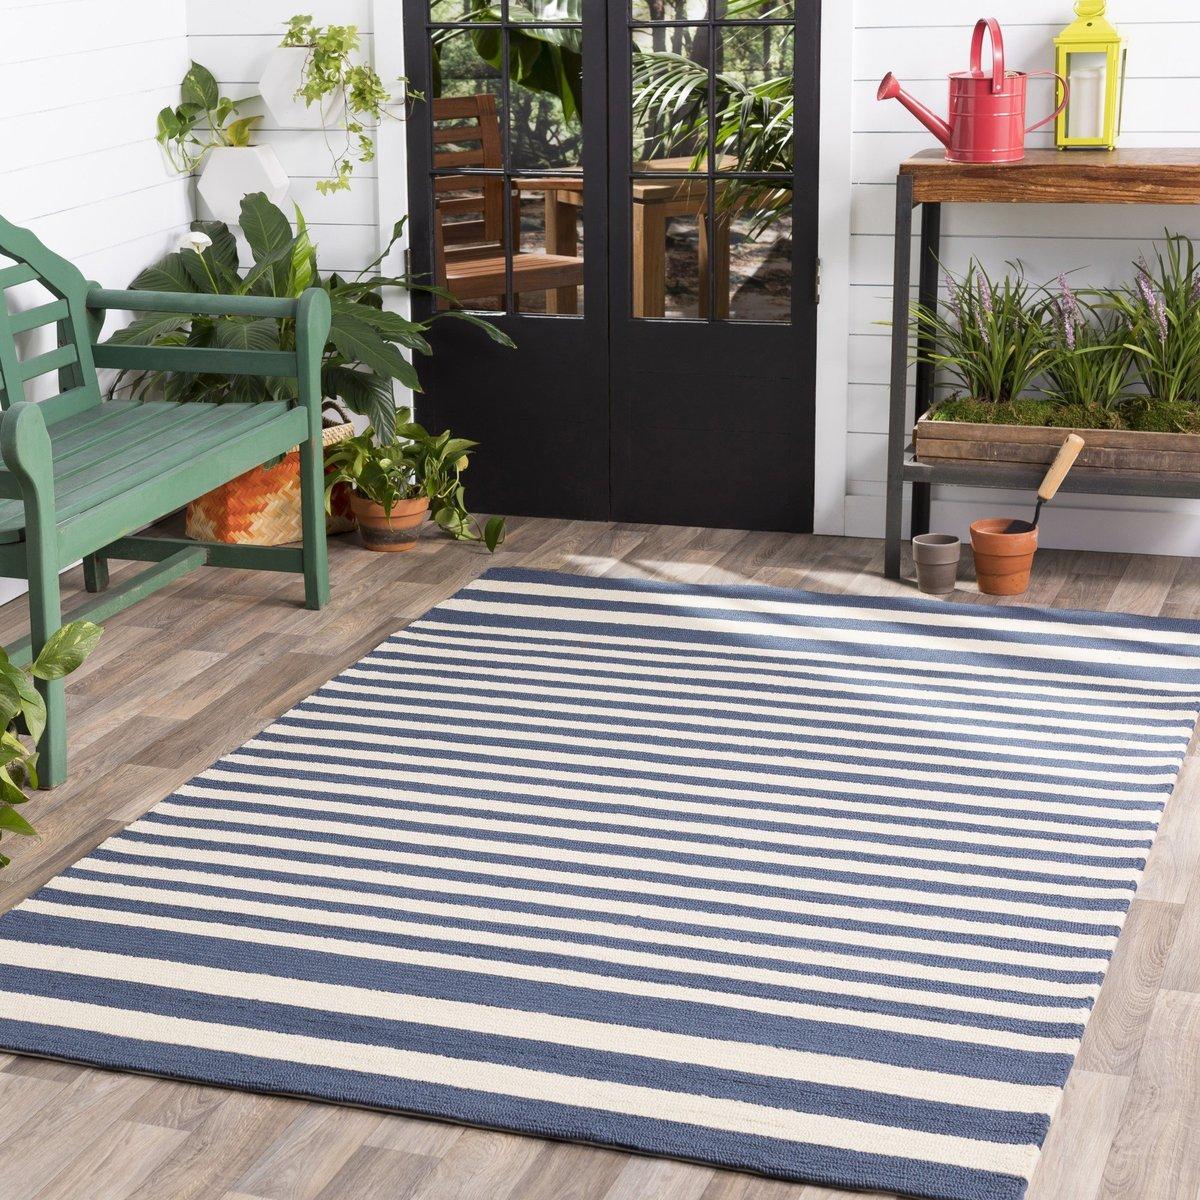 Stunning Stripes Outdoor Decor Ideas